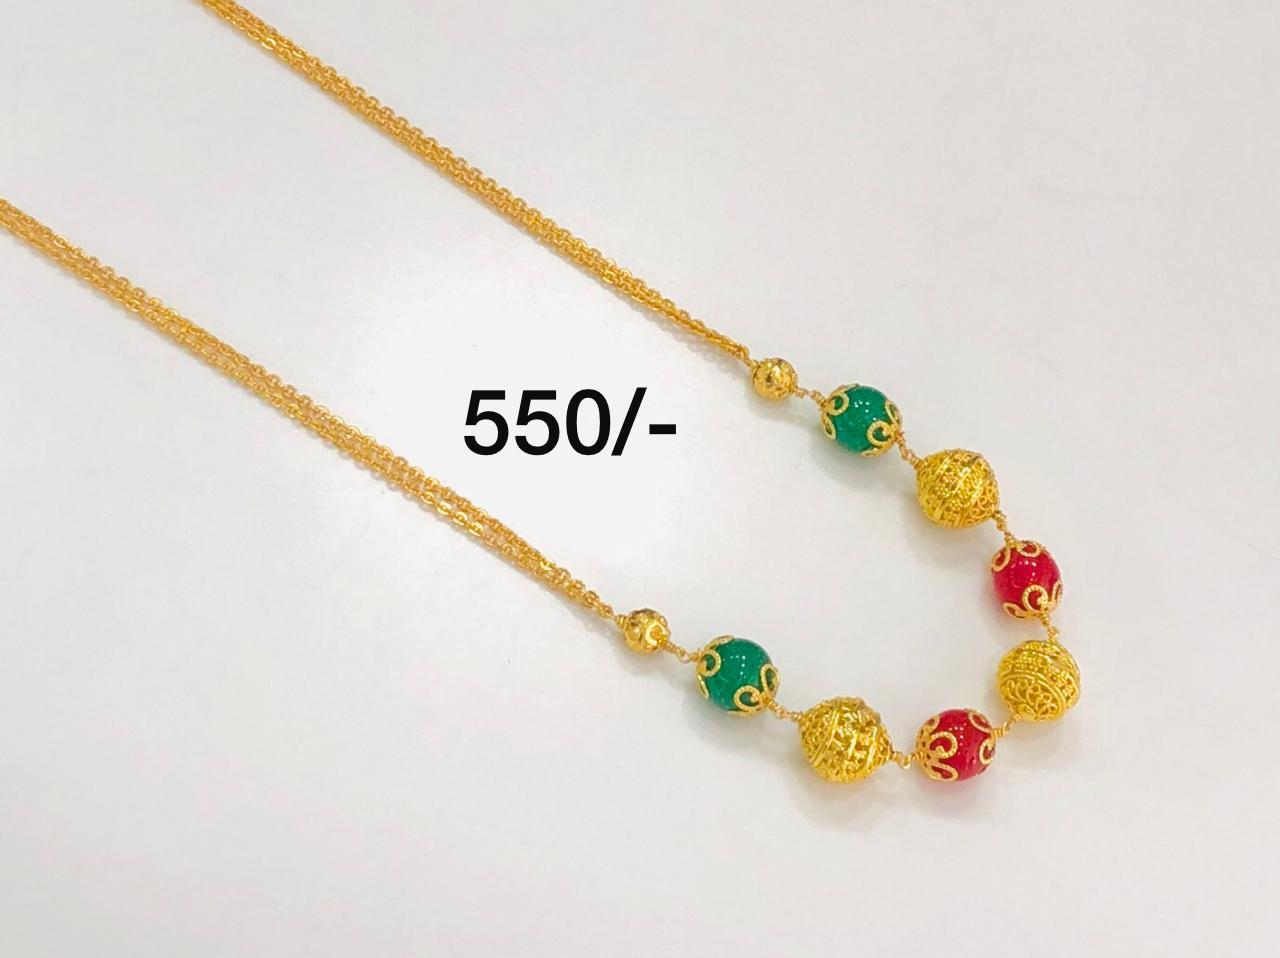 Cute Beads Chain